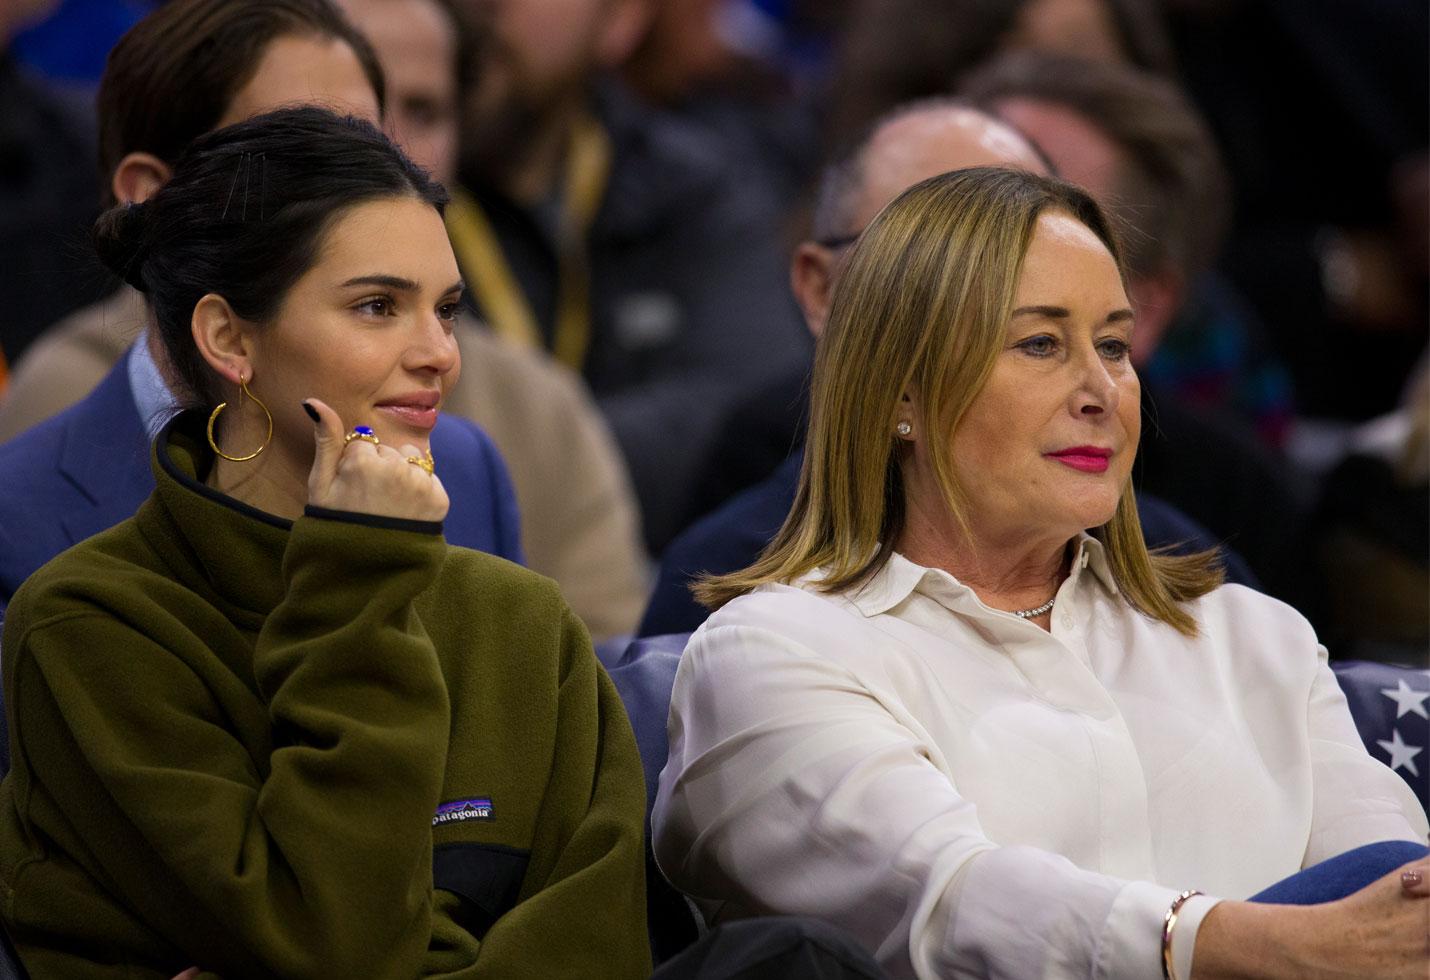 Kendall jenner ben simmons mom 76ers game philadelphia